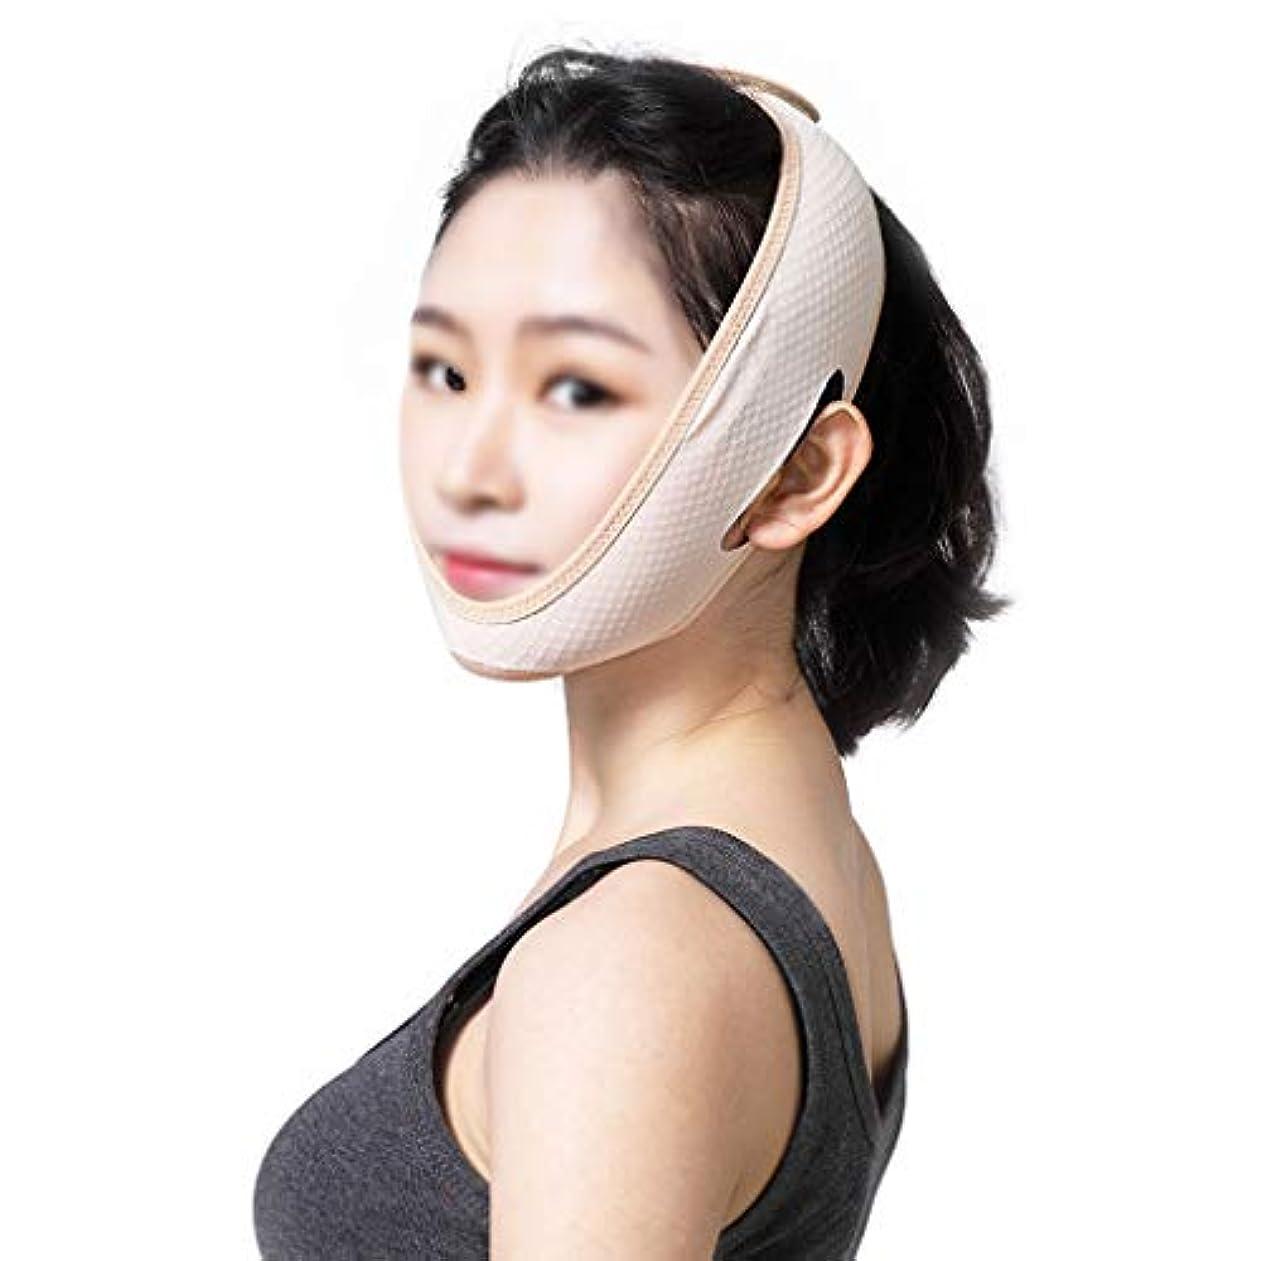 メトリックラフ睡眠気候の山TLMY 顔面リフティング包帯術後回復マスクリフティング包帯薄い顔アーティファクトは、小さなV顔を作成する 顔用整形マスク